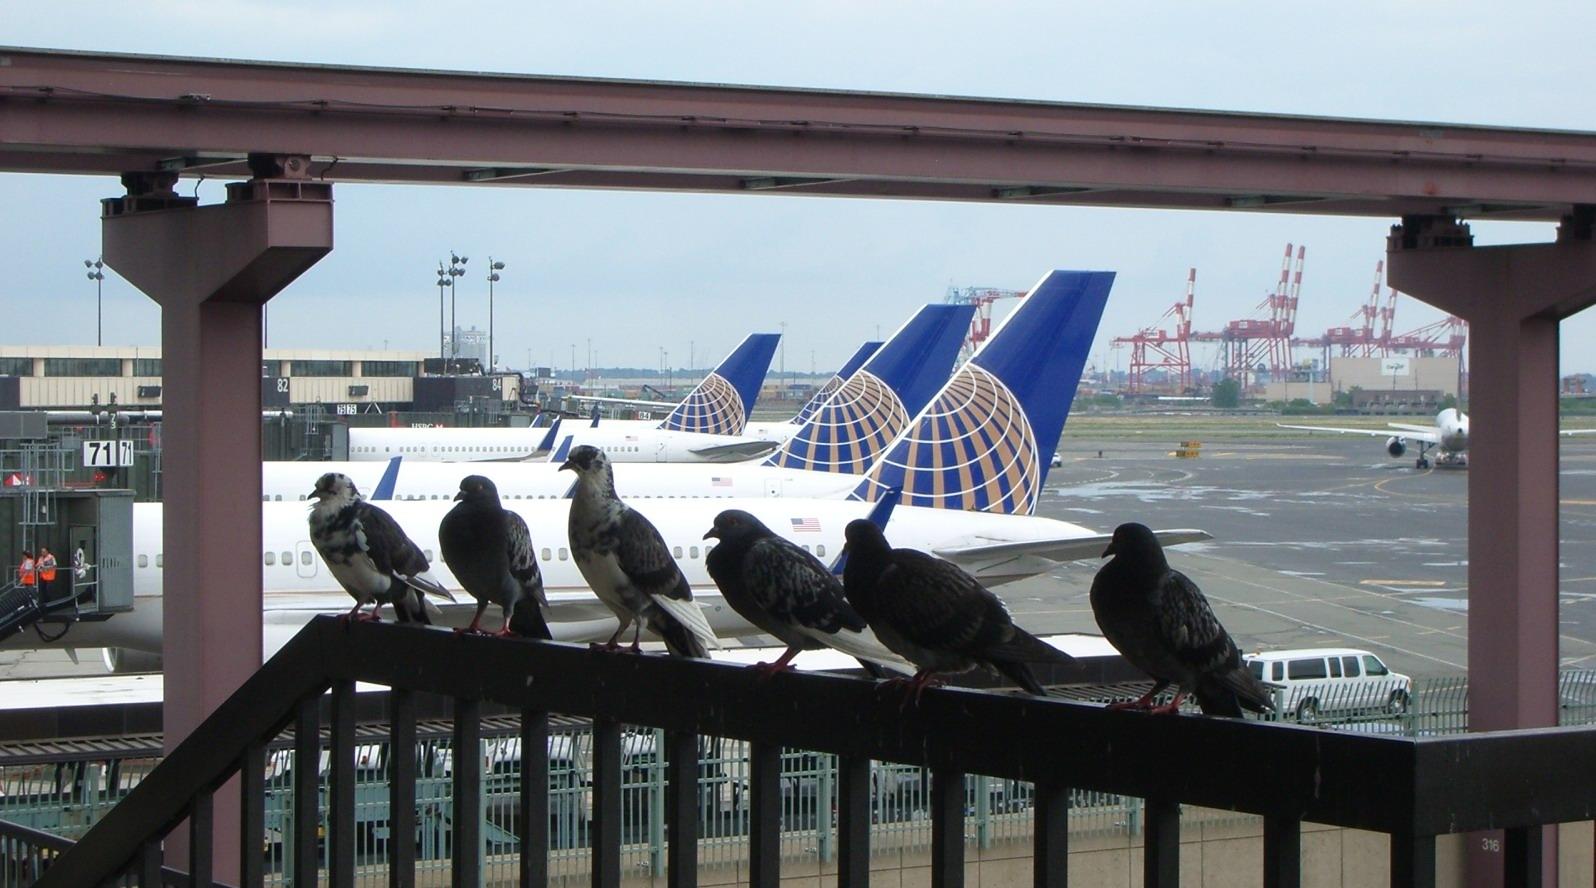 Tauben und Flugzeuge